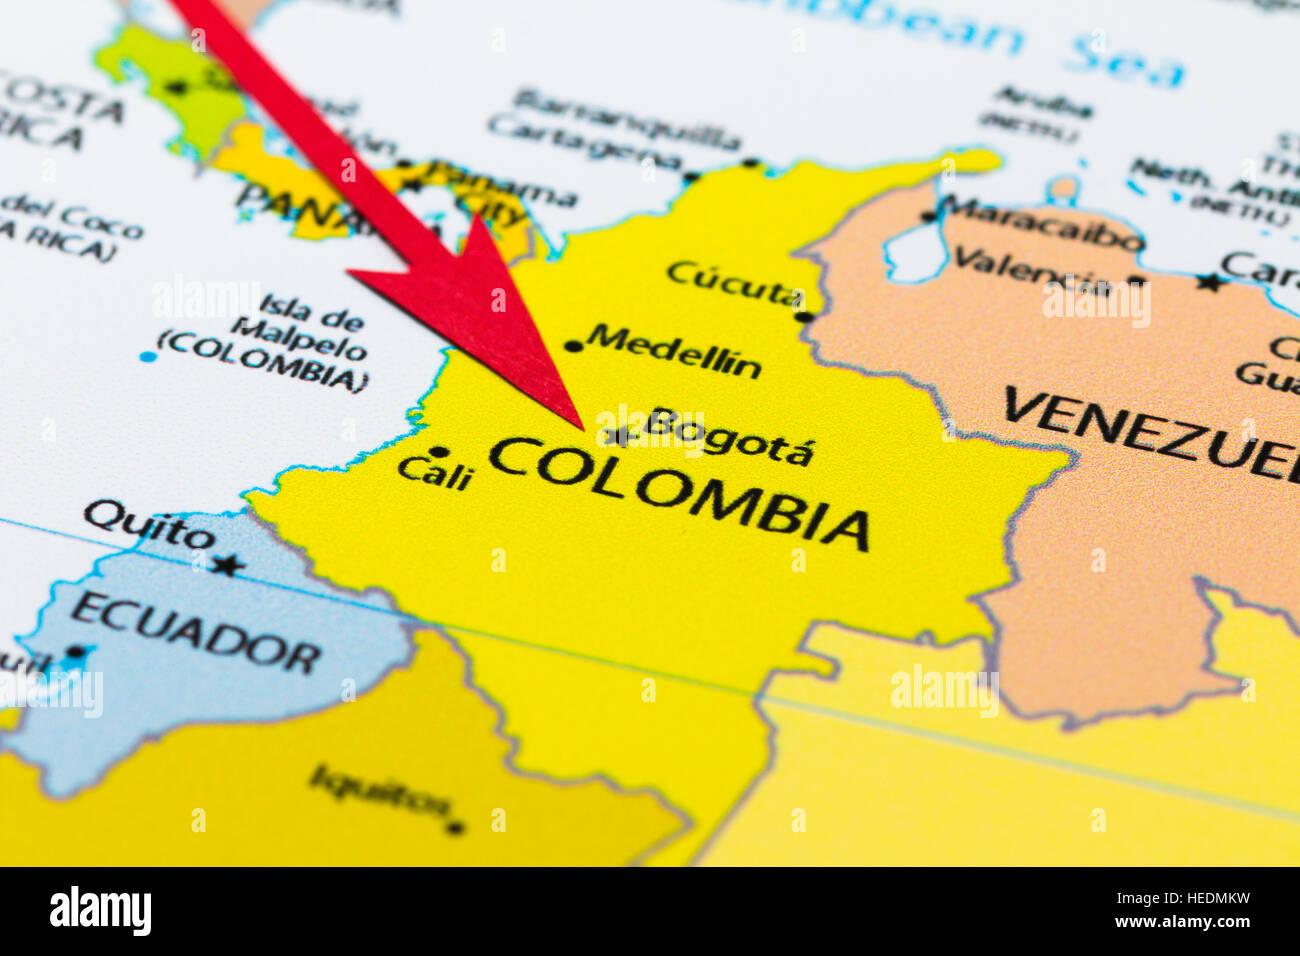 Carte Amerique Du Sud Colombie.Fleche Rouge Pointant La Colombie Sur La Carte De L Amerique